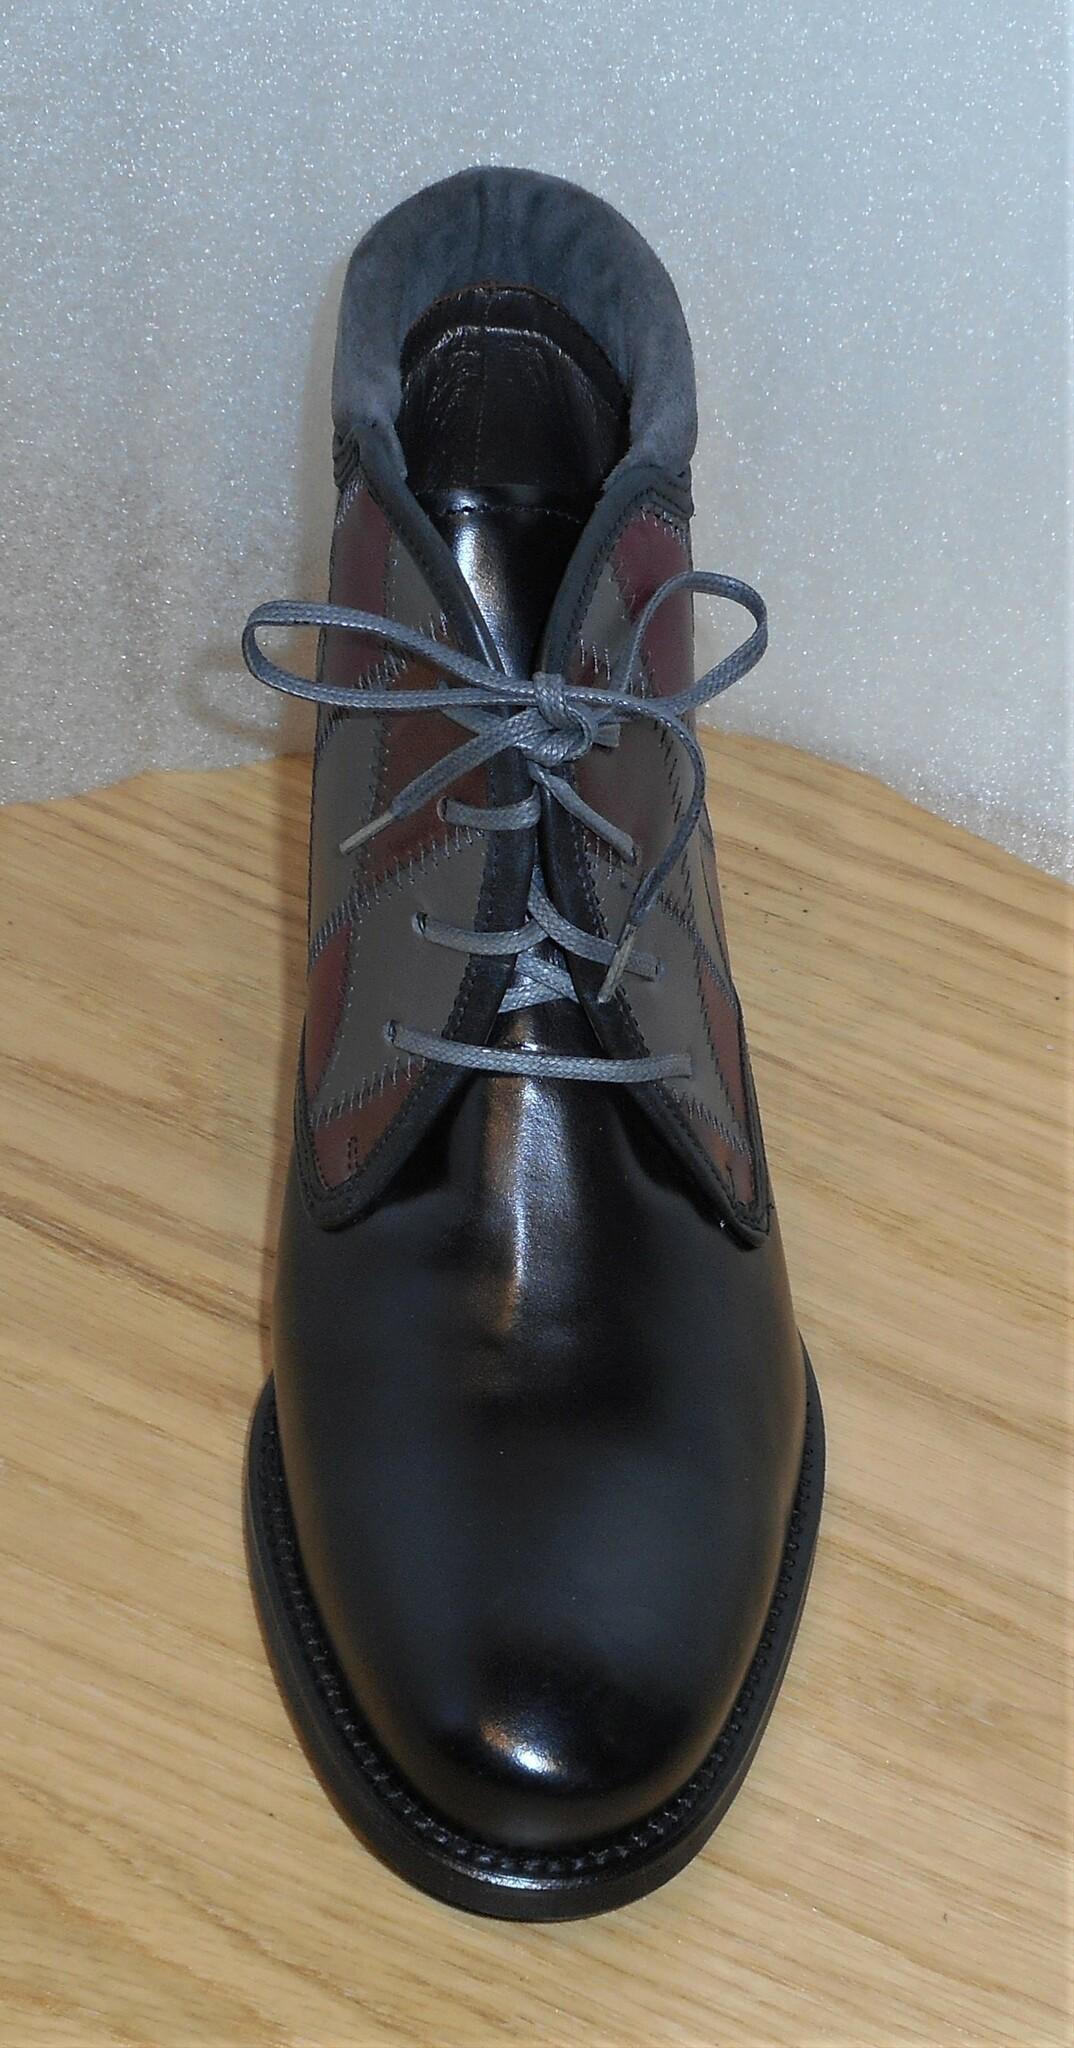 Svart snörkänga med harlequinmönstrat skaft - Amberone